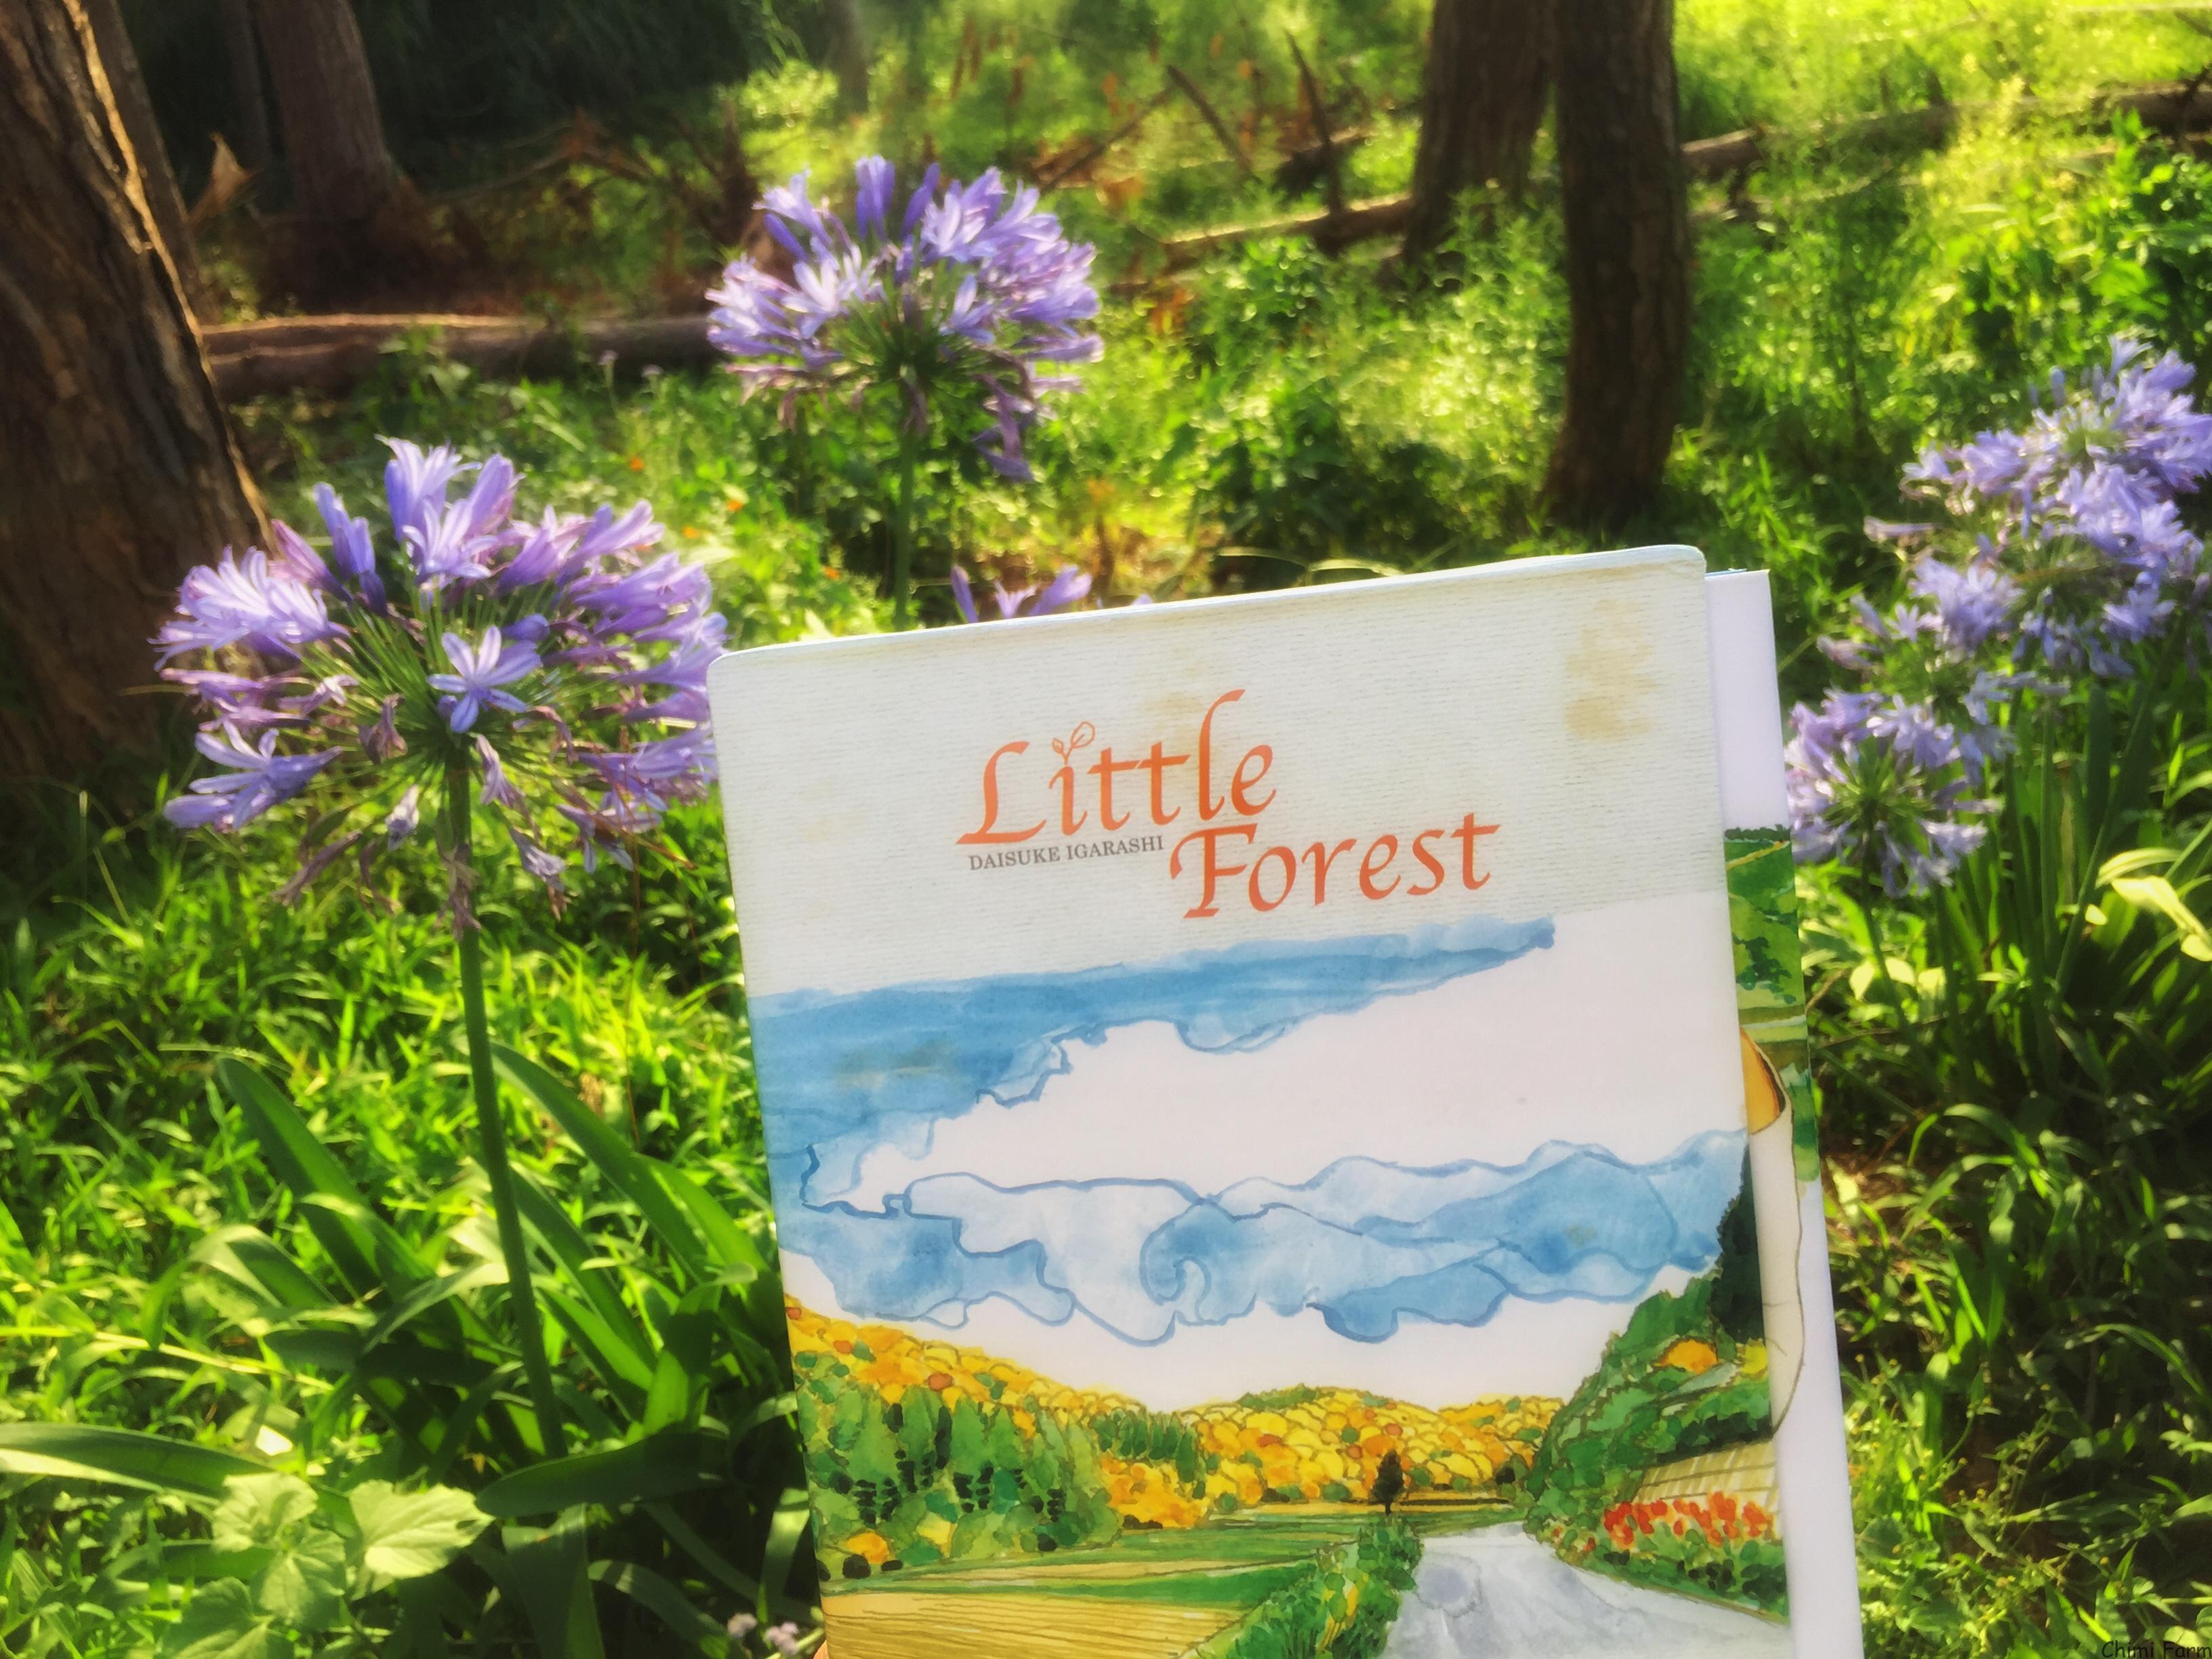 Little forest - Trong tâm hồn mỗi người đều có một Khu rừng nhỏ